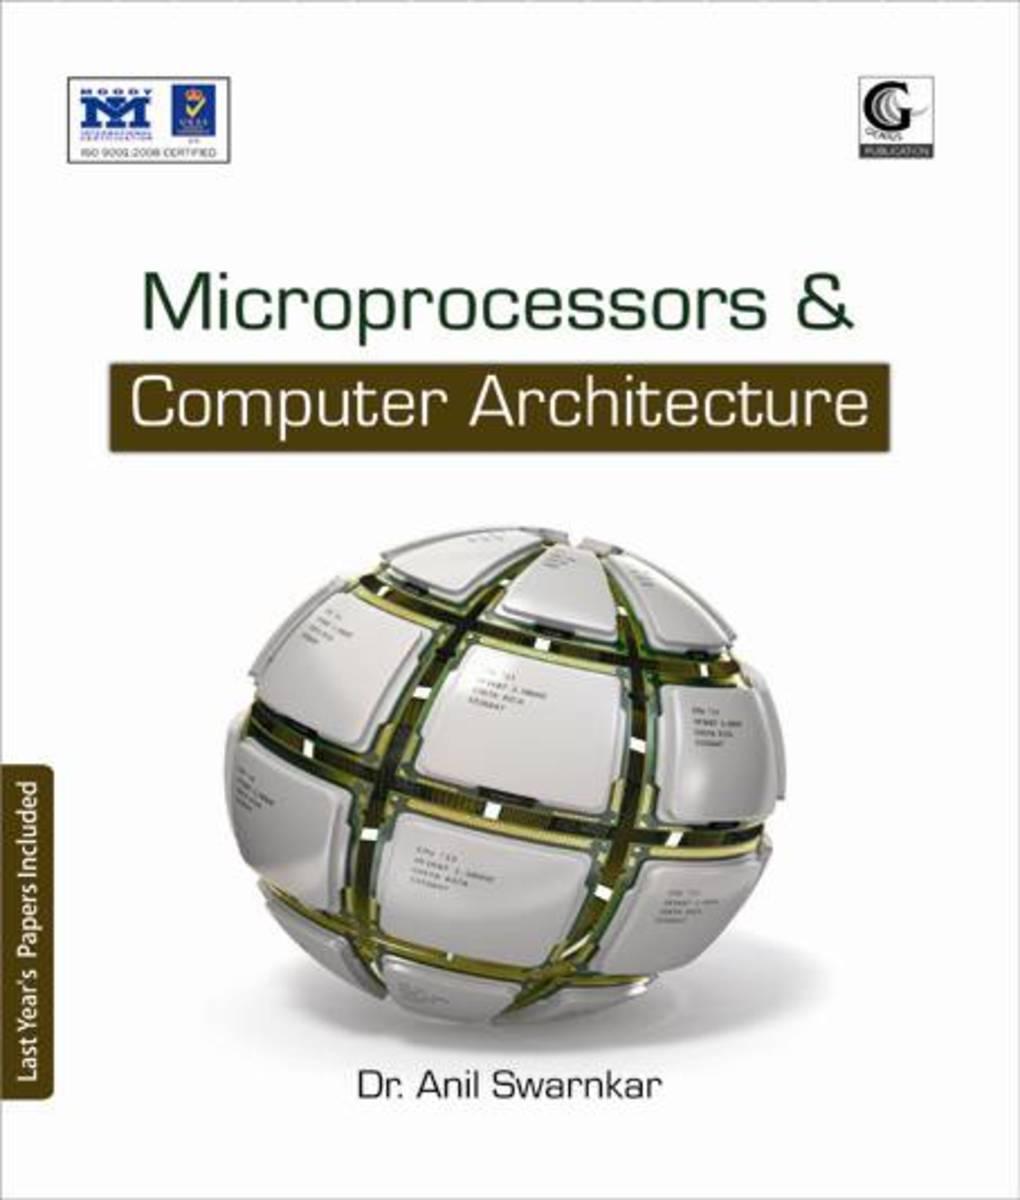 Microprocessors & Computer Architecture Book